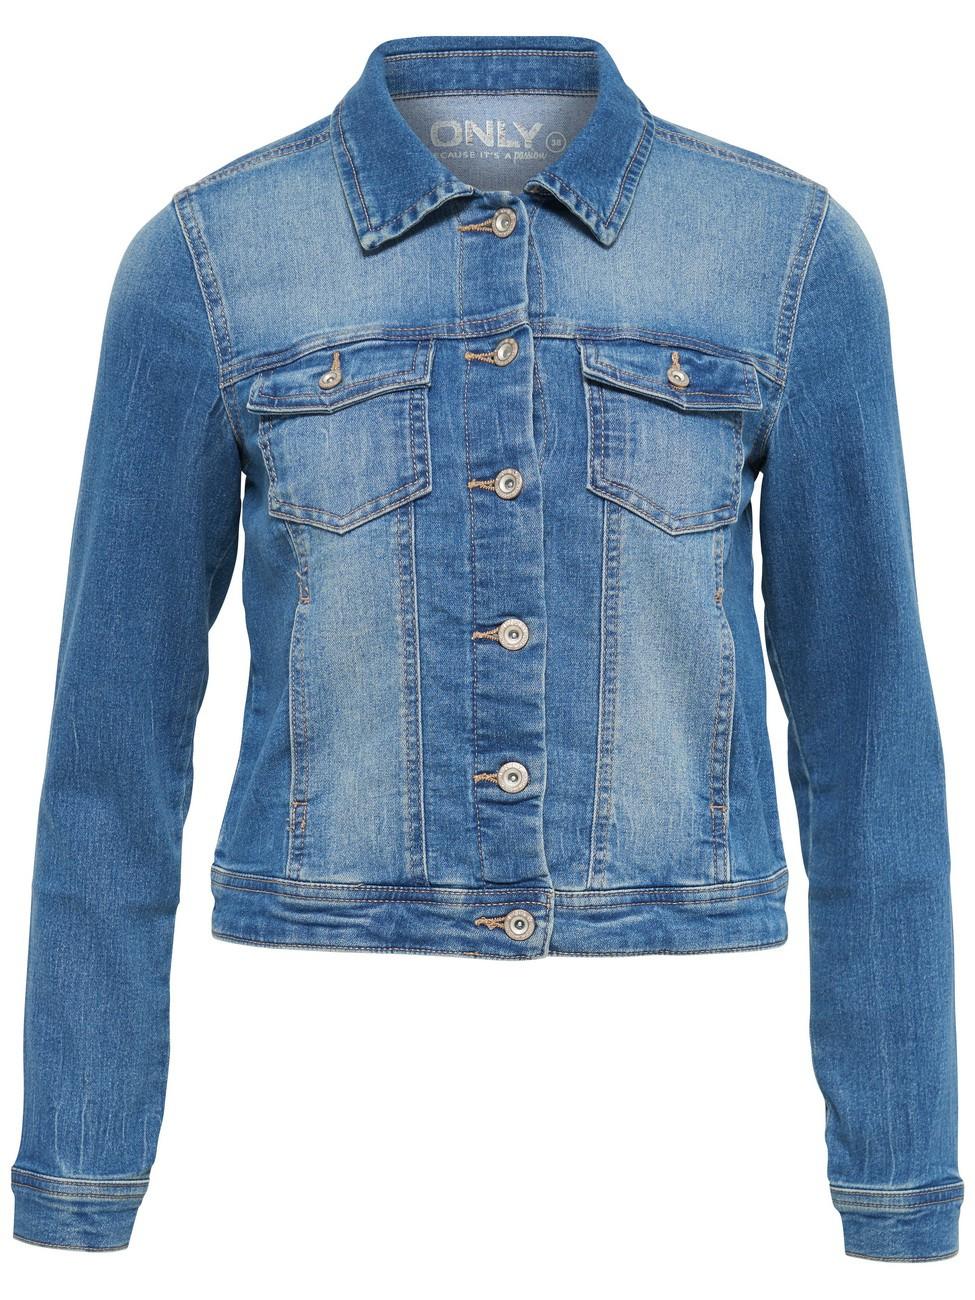 only damen jeansjacke onlnew westa det jacket pim4203 dnm. Black Bedroom Furniture Sets. Home Design Ideas